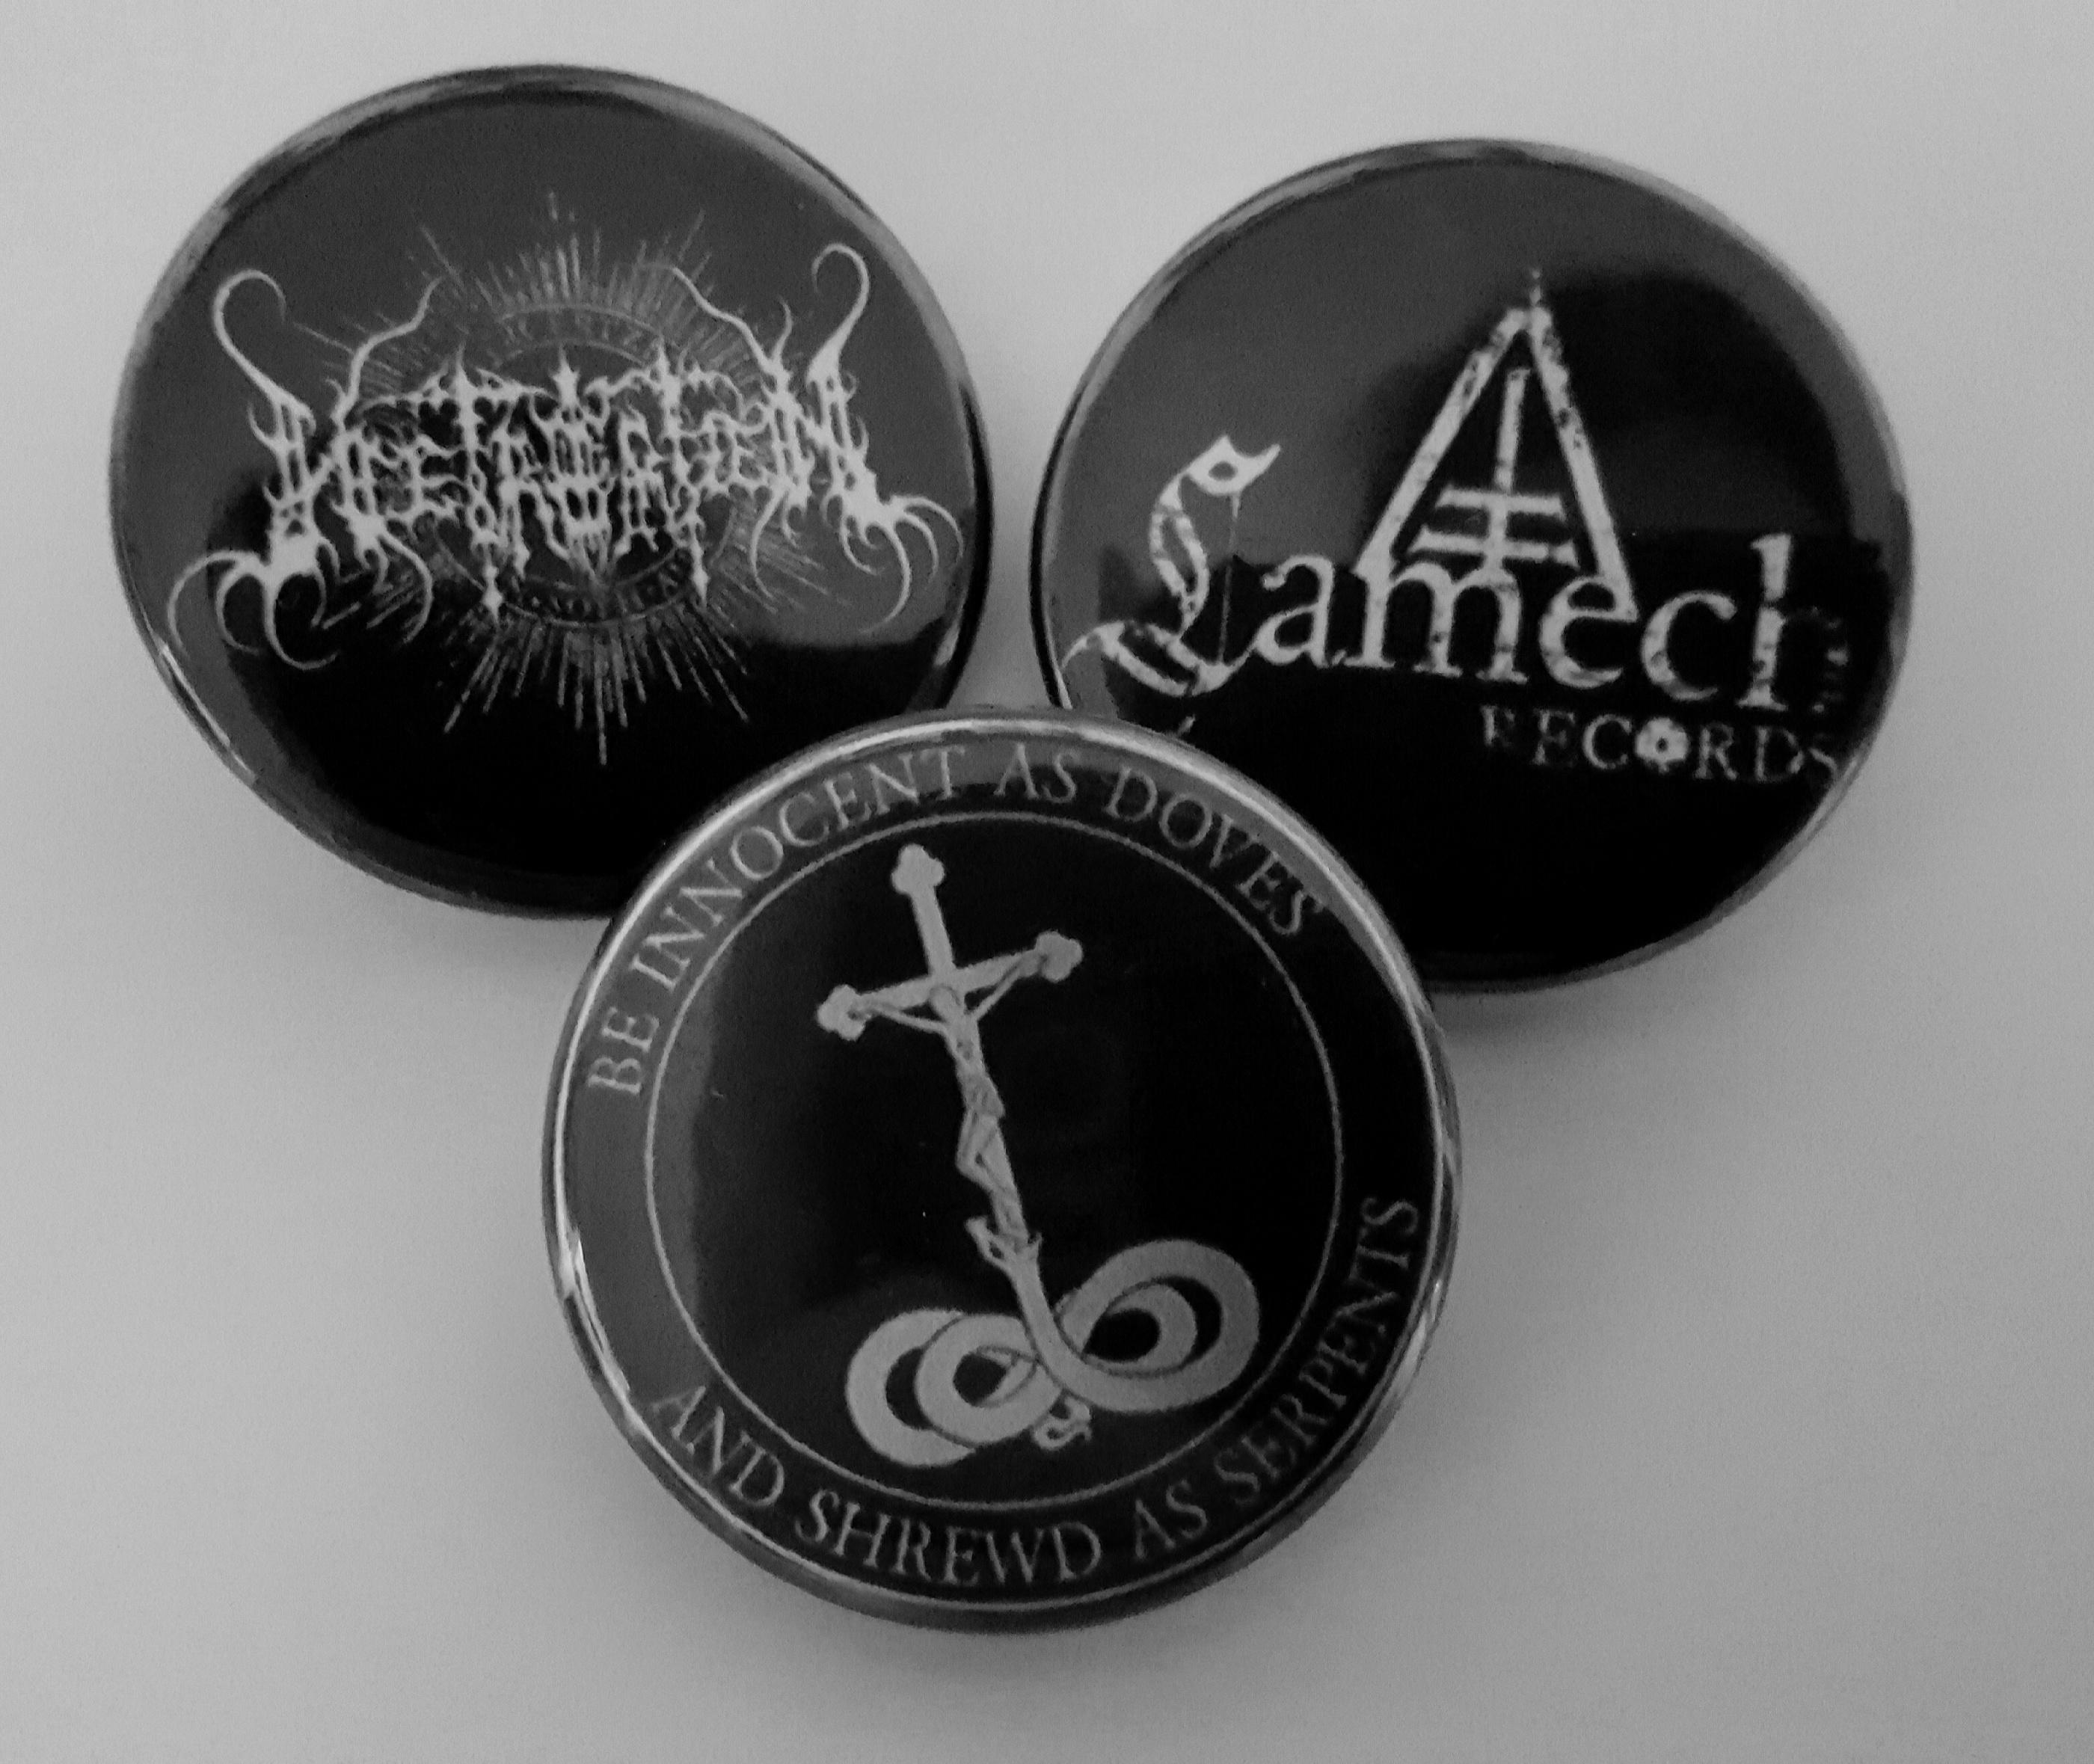 3-pack badges